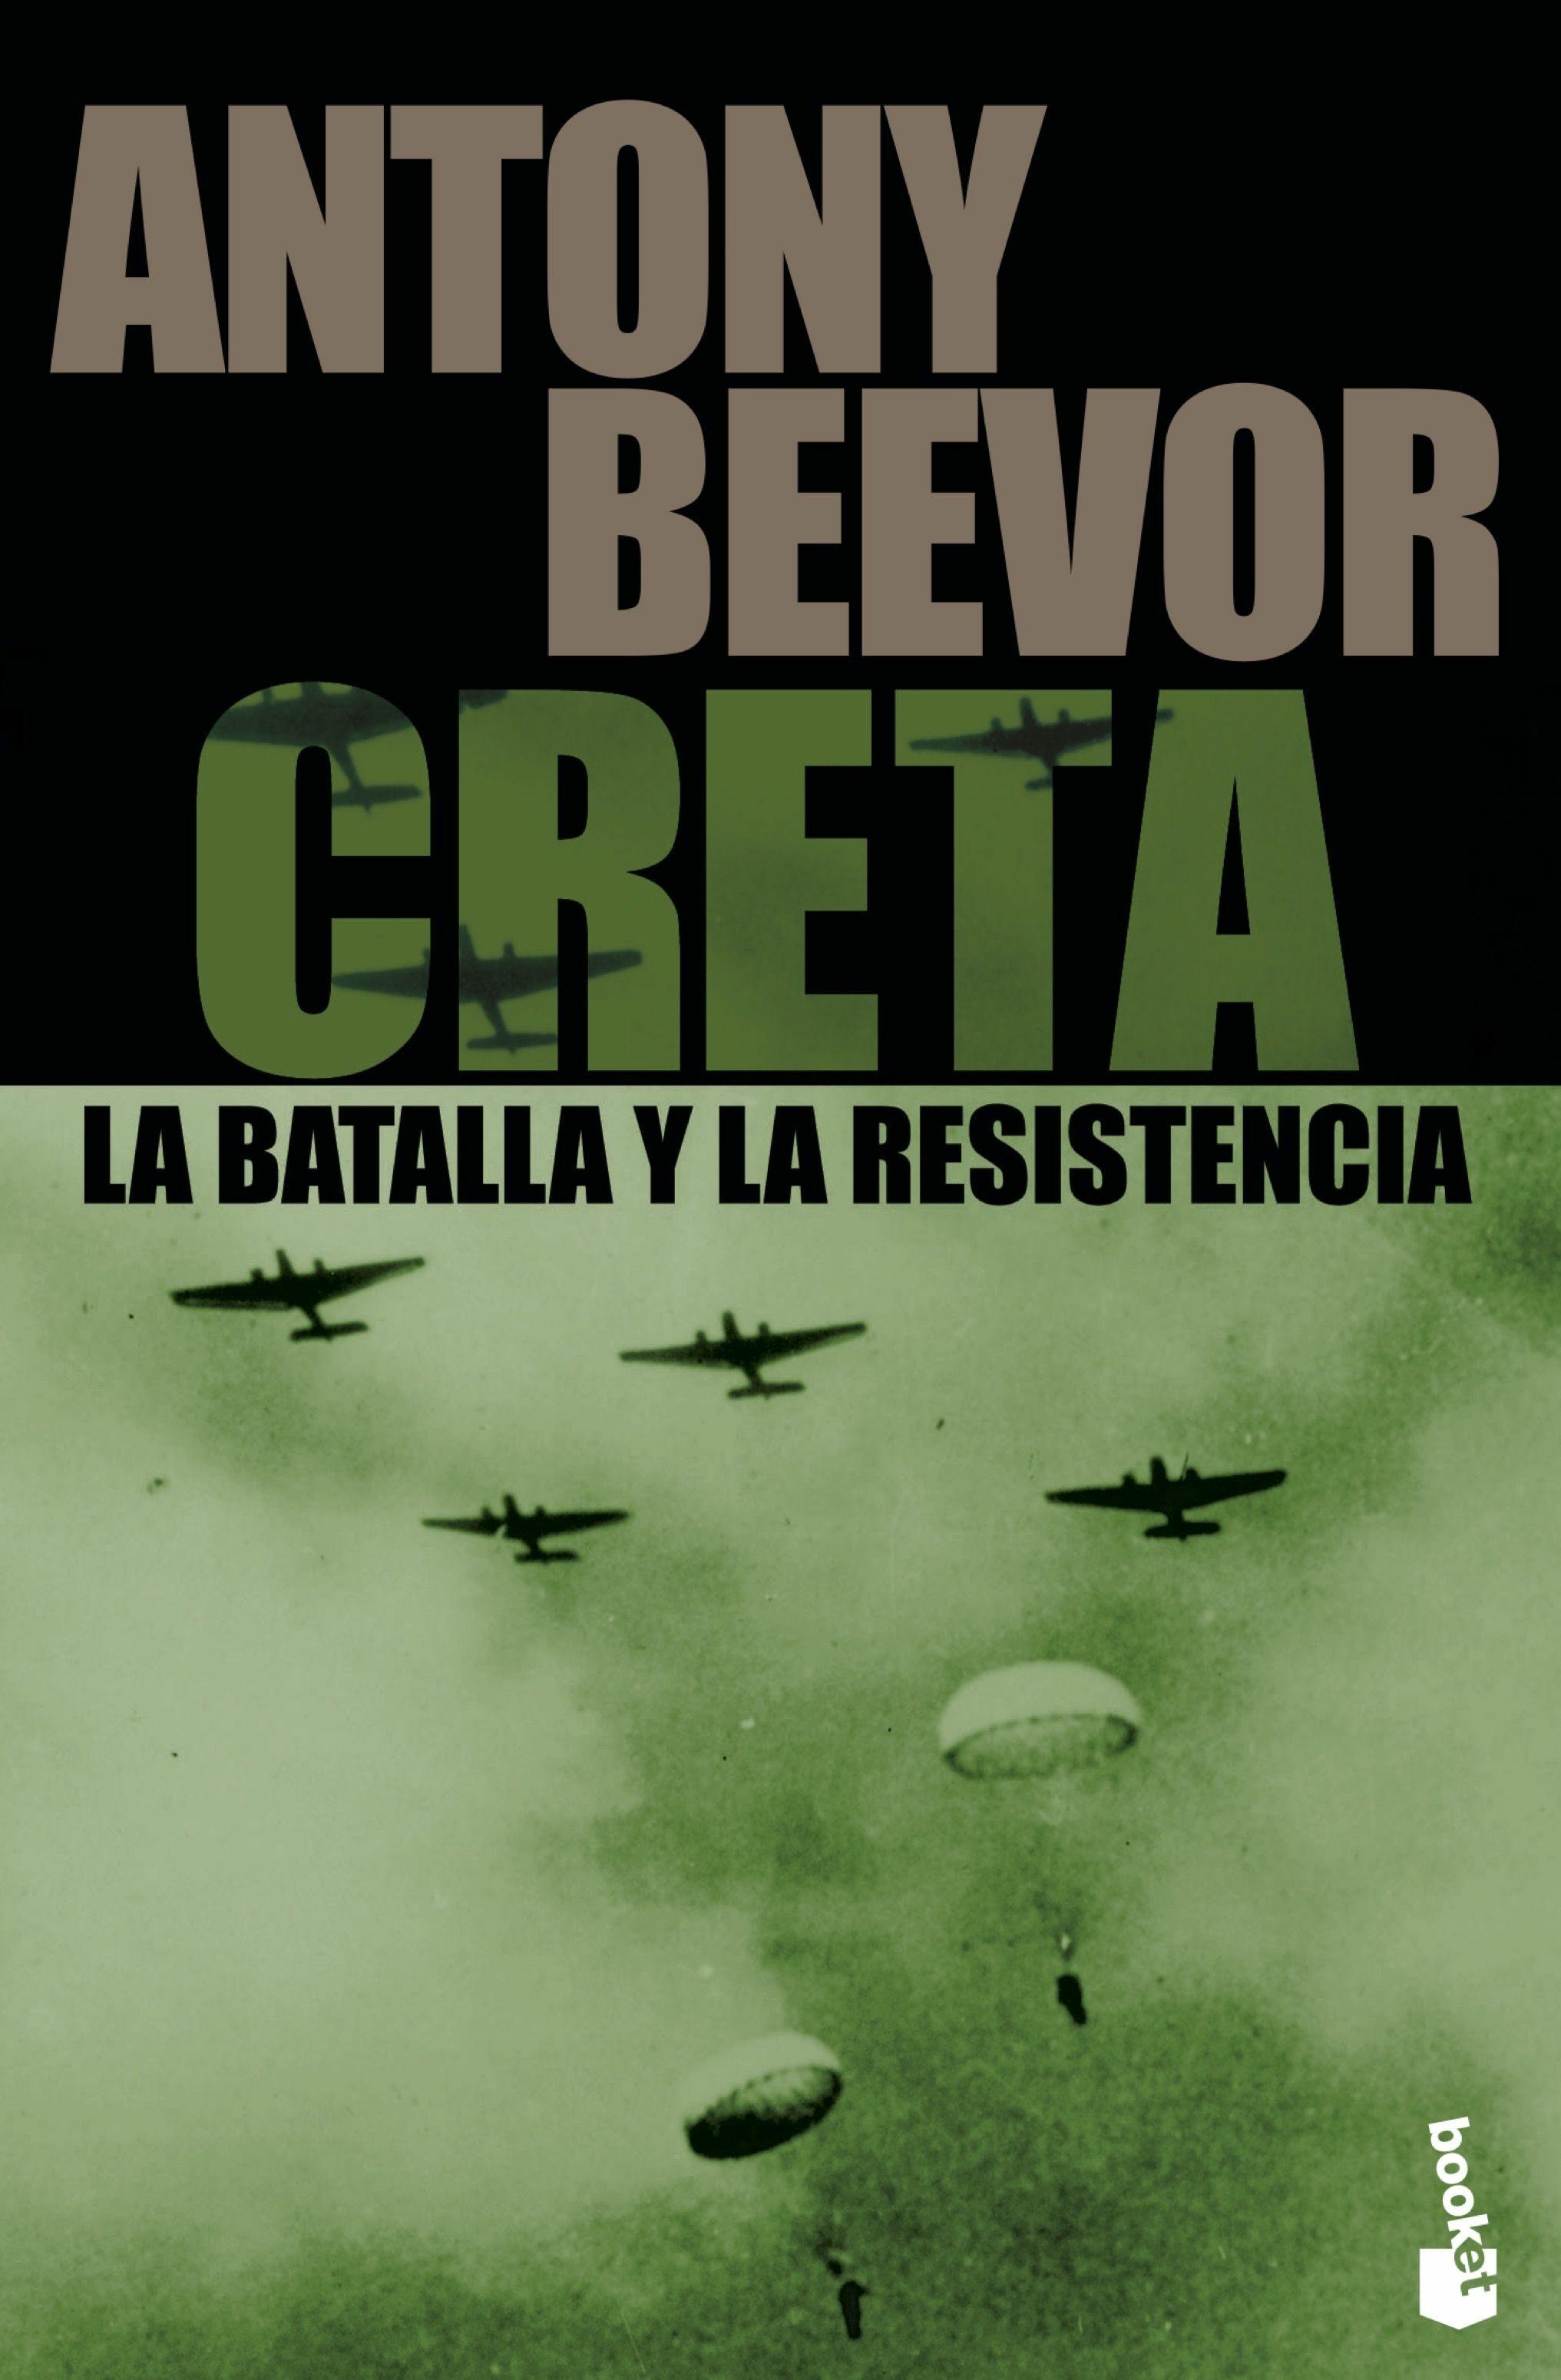 Creta La Batalla Y La Resistencia - Beevor Antony